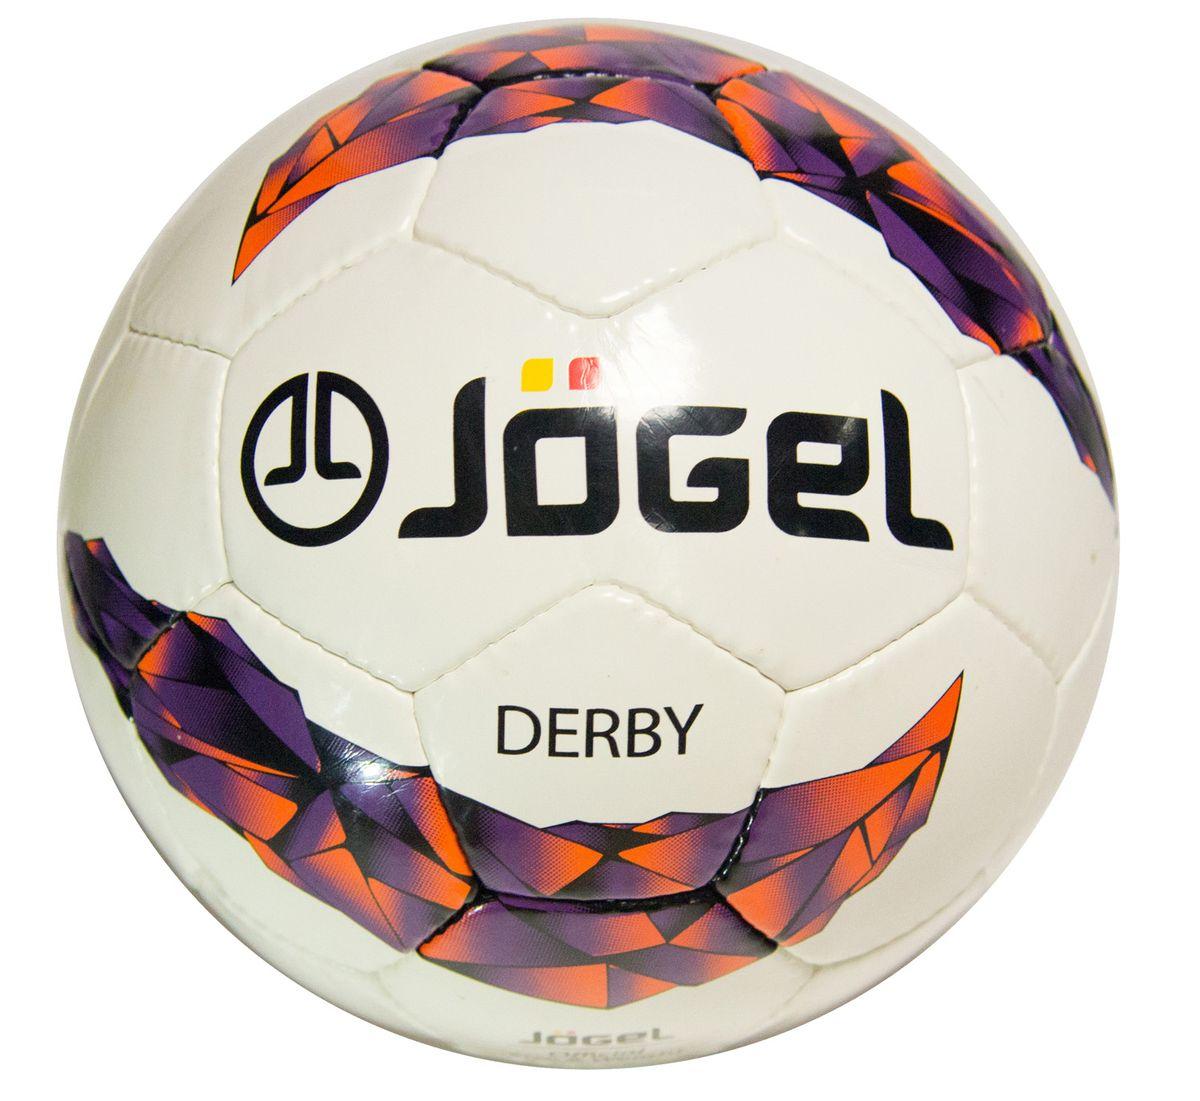 """Фото Мяч футбольный Jogel """"Derby"""", цвет: белый, сиреневый, оранжевый, черный. Размер 5. JS-500"""